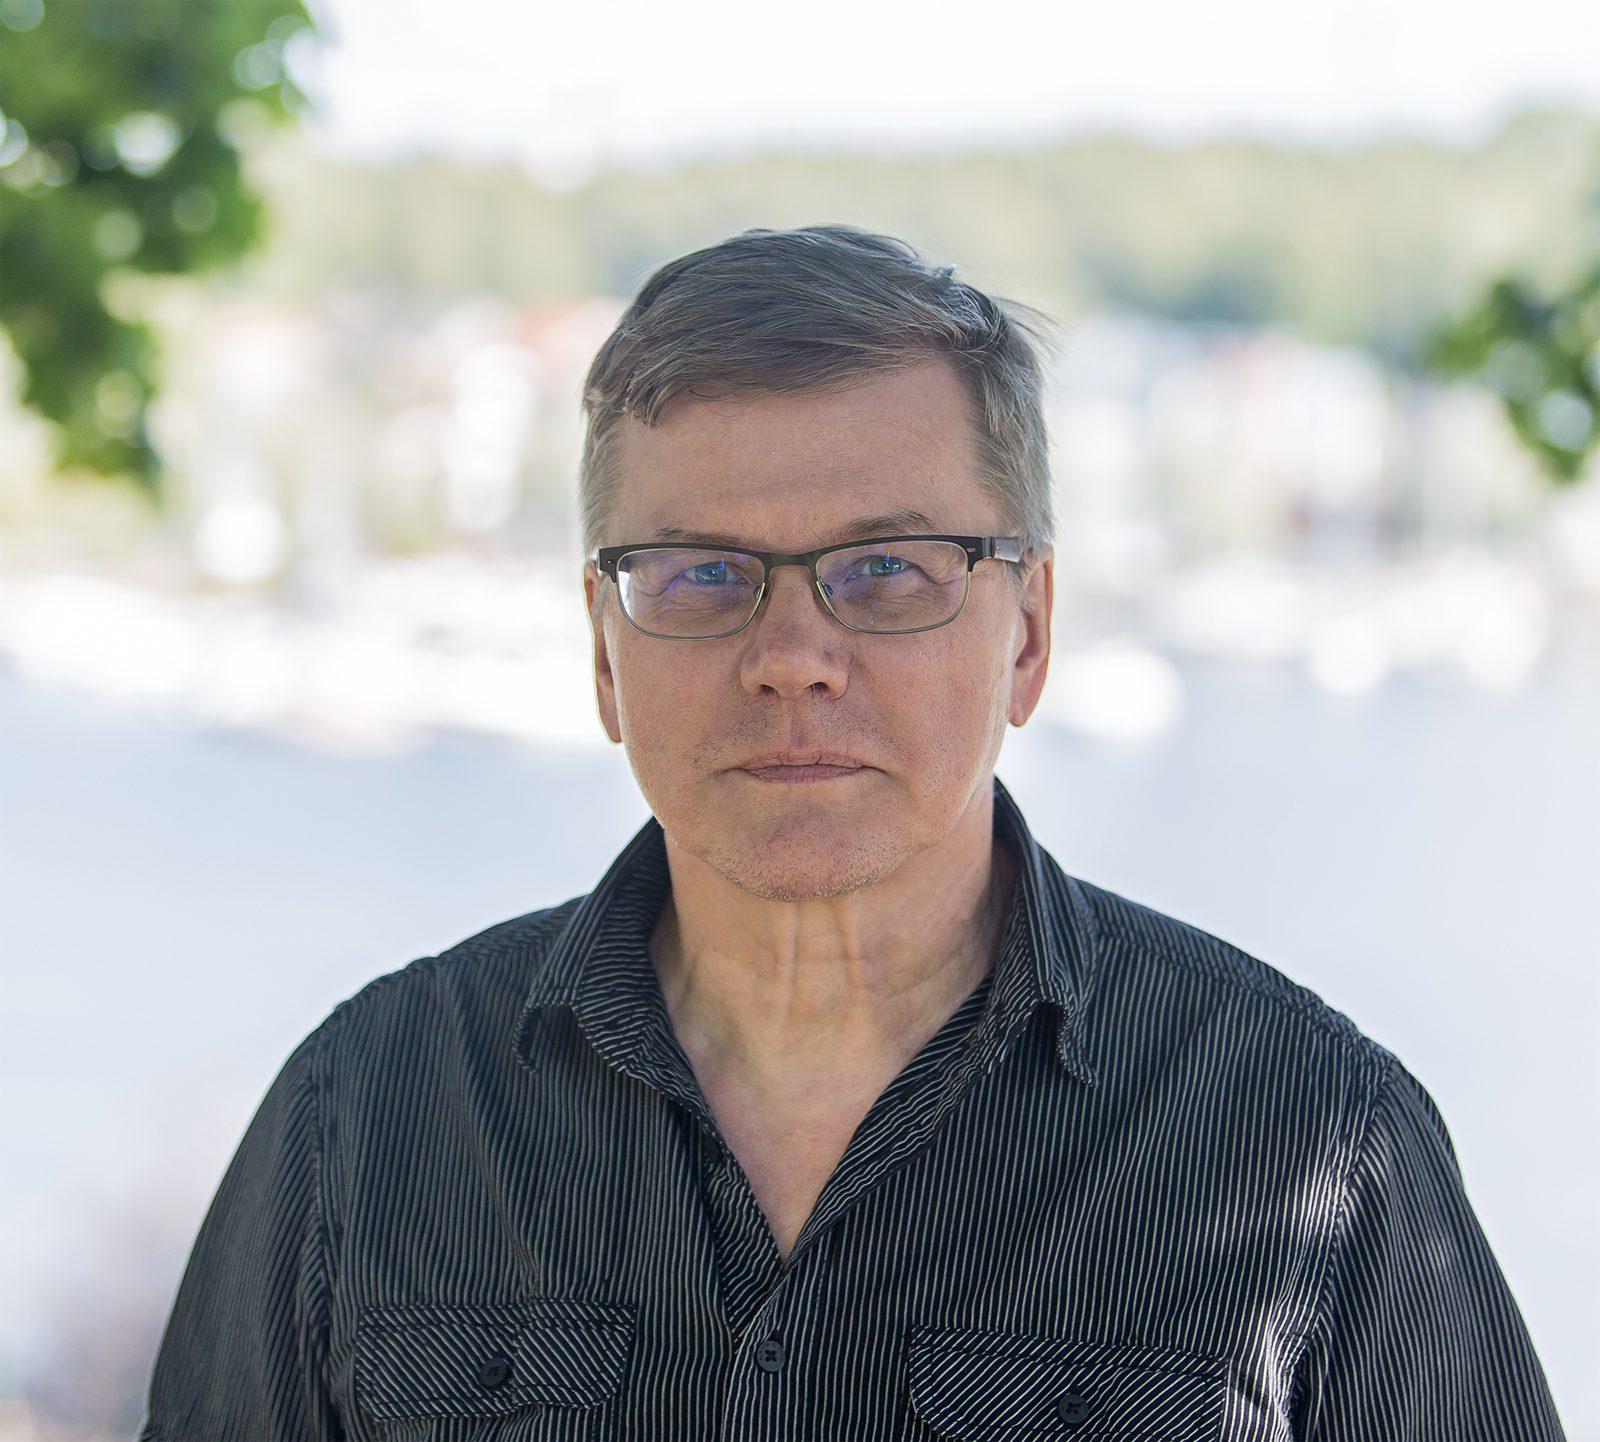 Timo Kainulainen